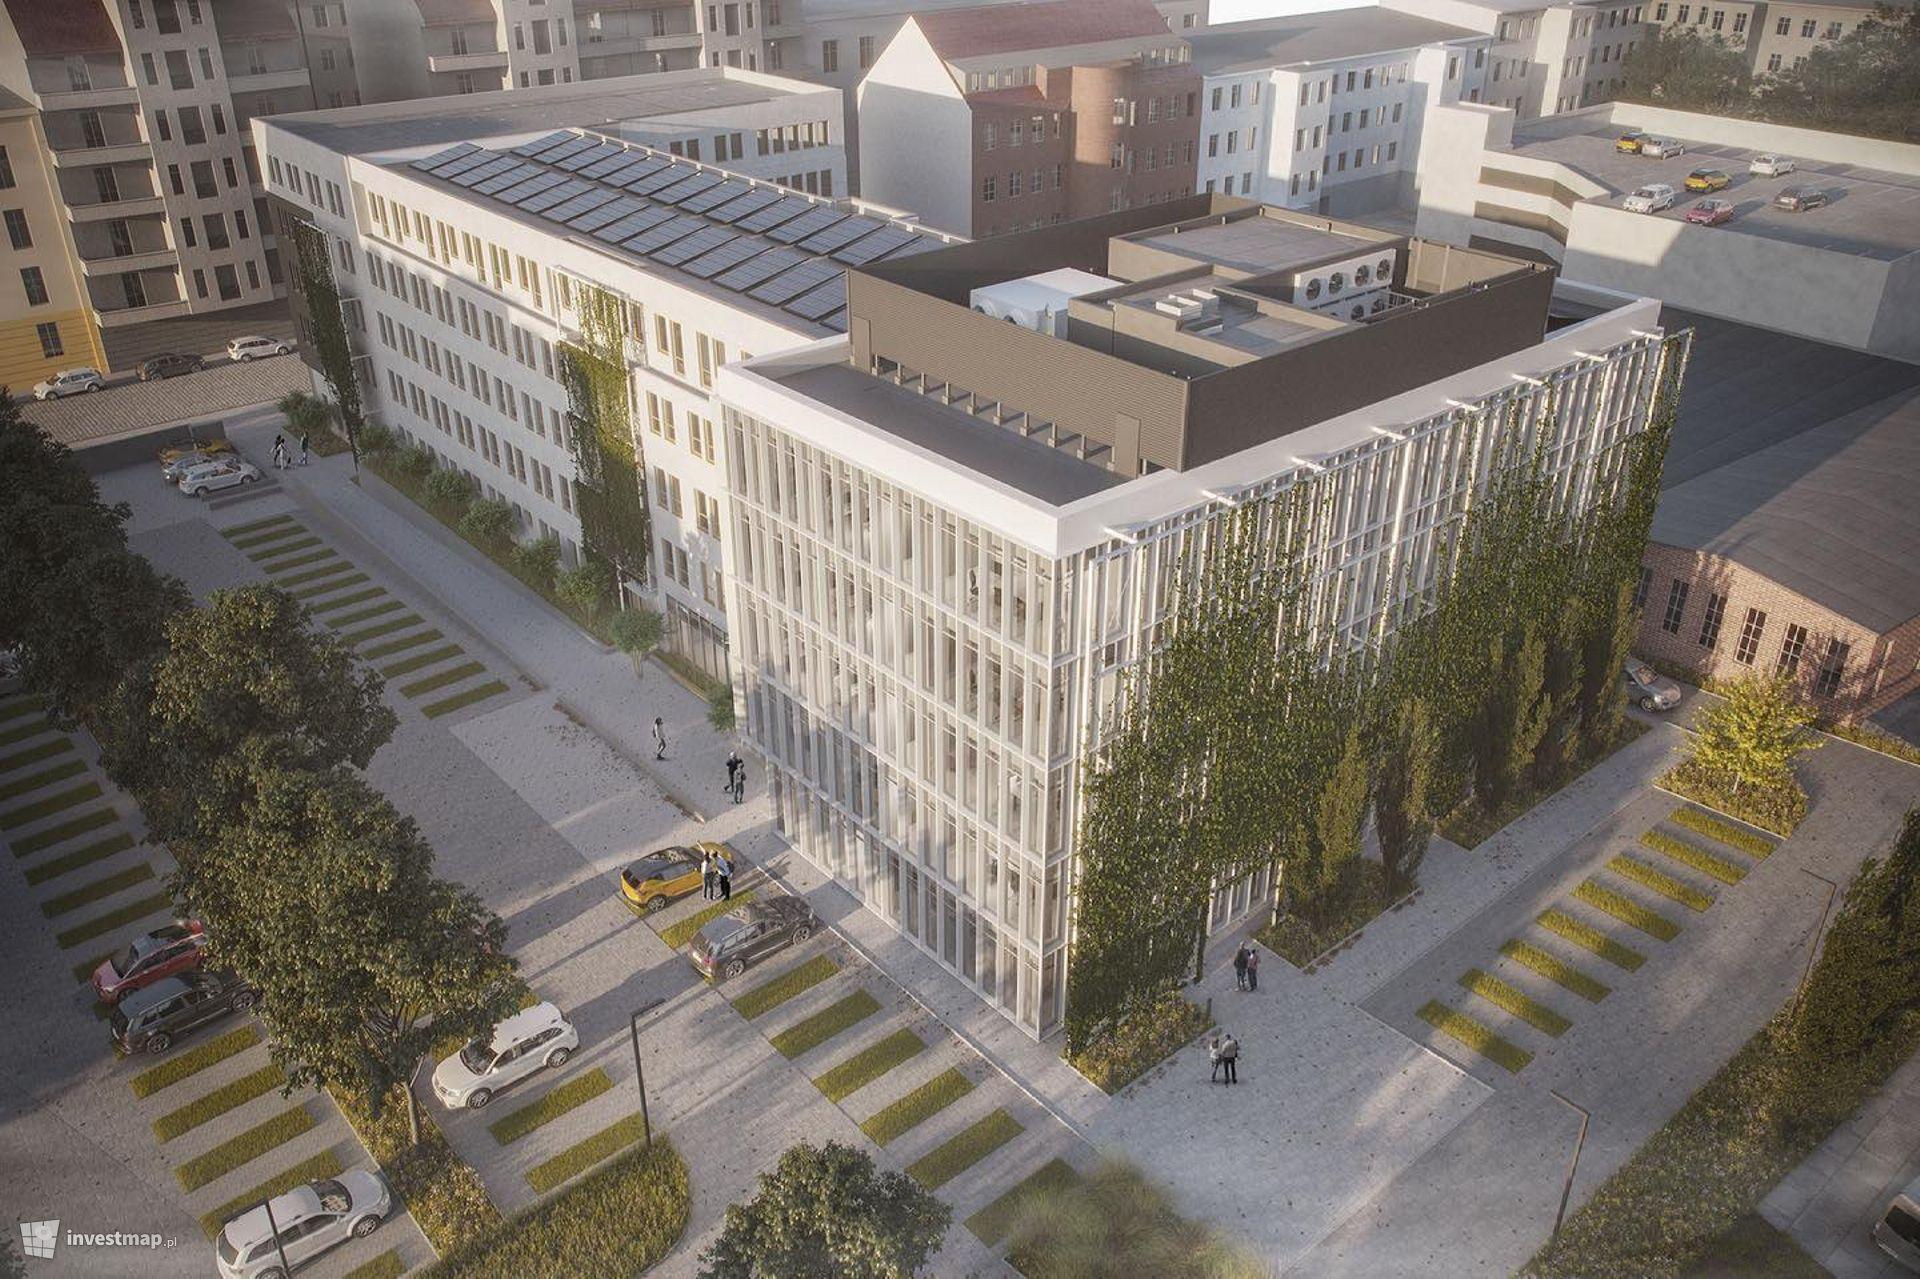 Biurowiec Starostwa Powiatowego, ul. Tadeusza Kościuszki 131 (rozbudowa)